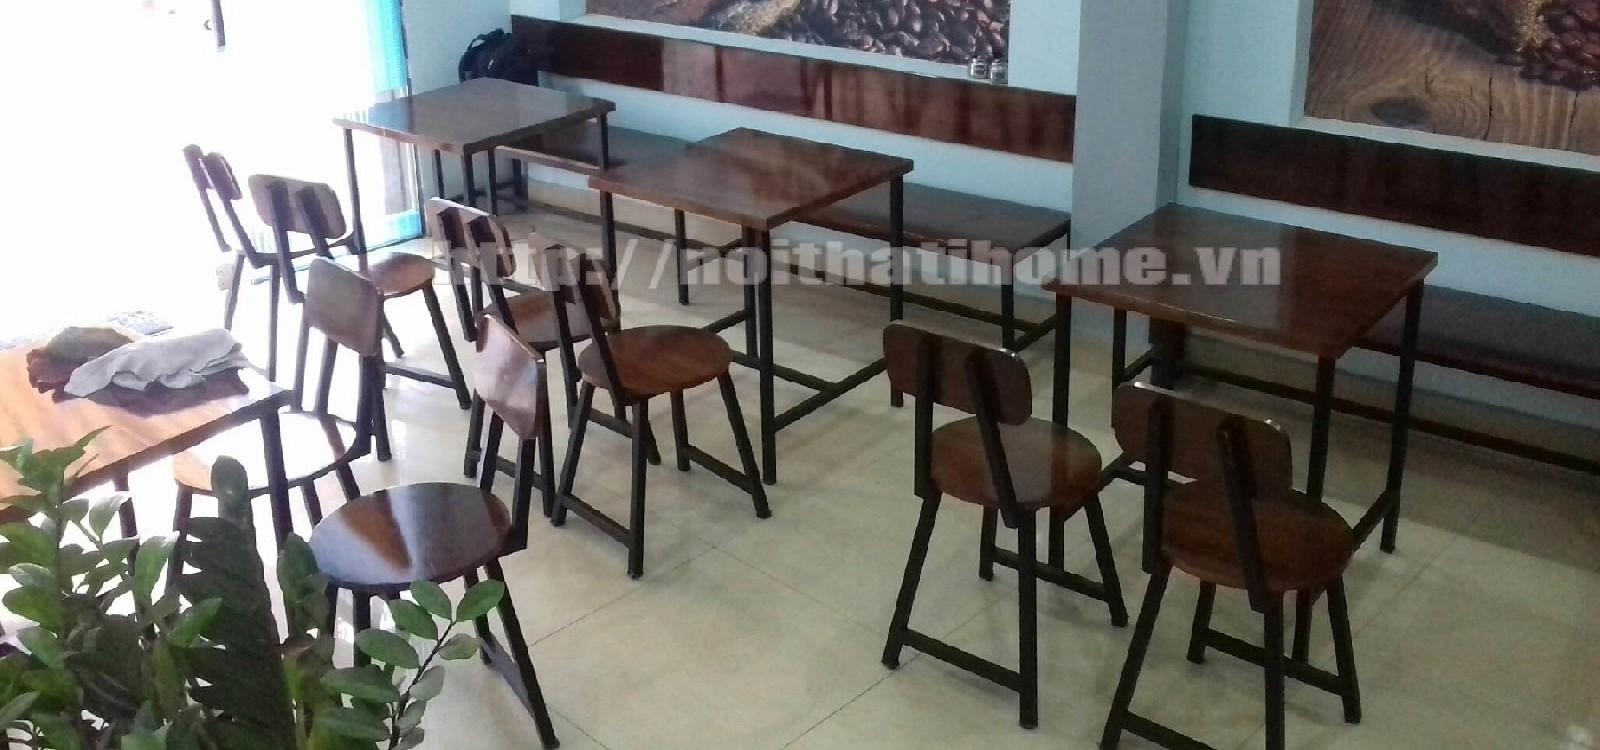 hình ảnh Thiết kế nội thất quán cafe sân vườn 5a/1 Đông Khê, Hải Phòng